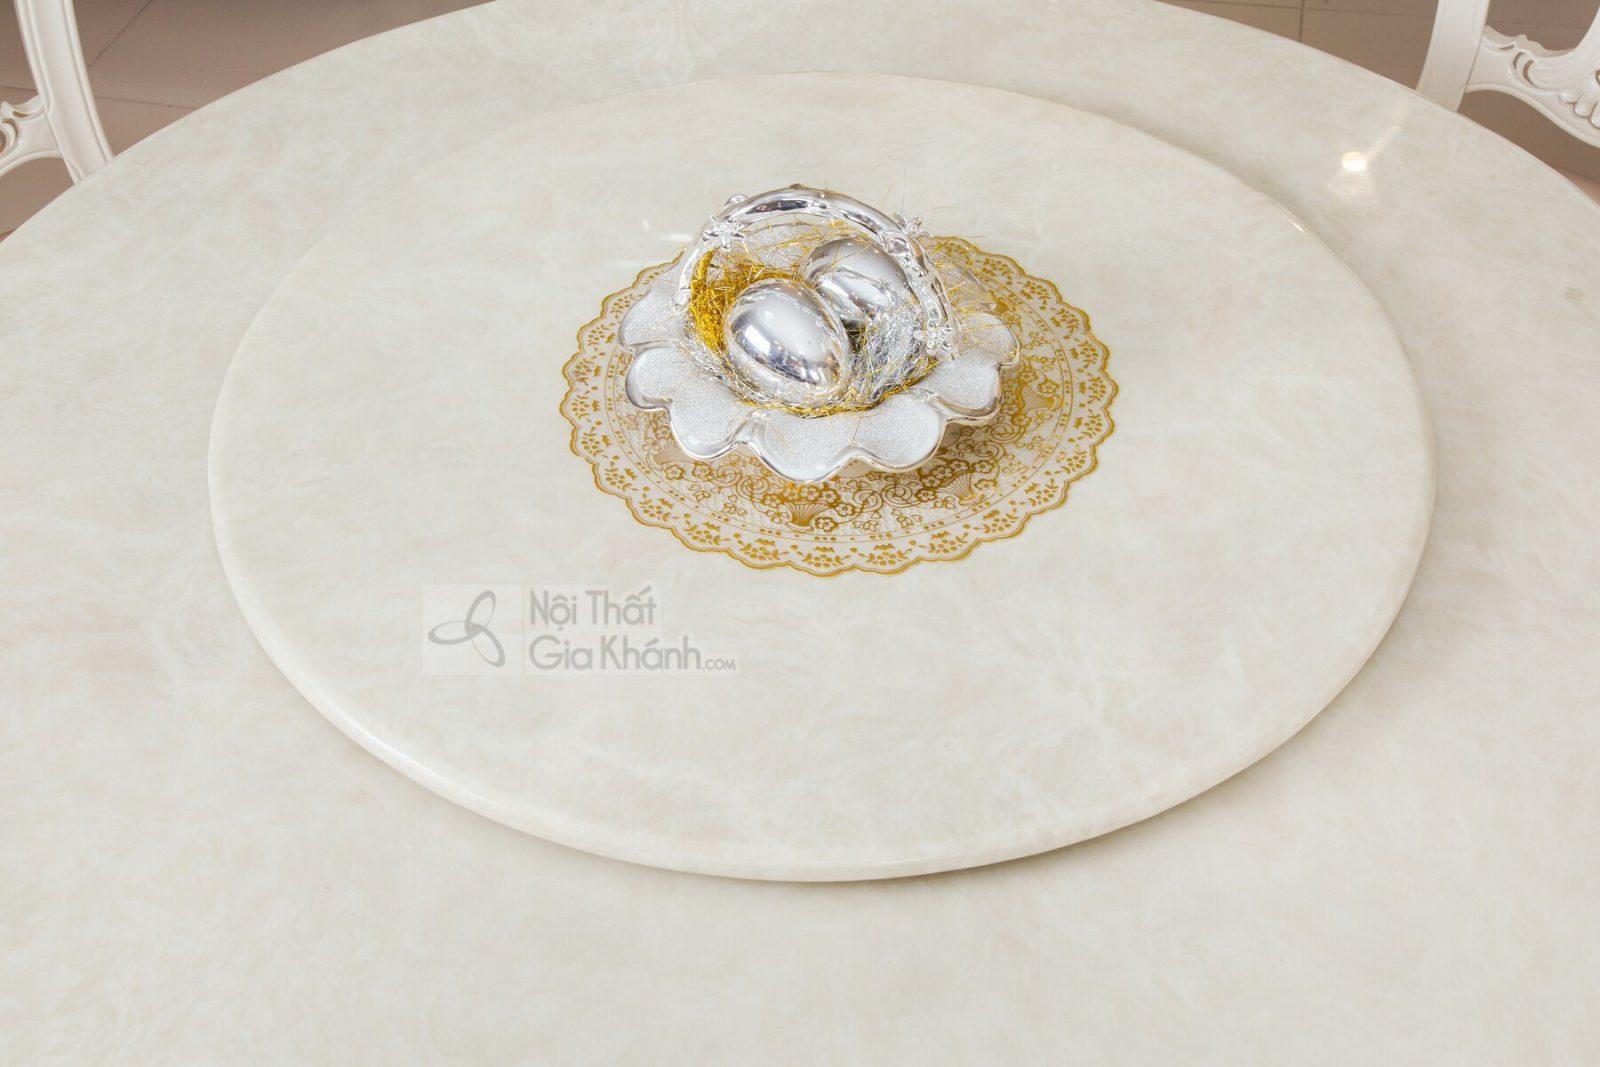 Bàn ăn tròn màu trắng gỗ sồi mặt đá Hồng Ngọc Long H8802BAT1.3-2 - bo ban an tron H8802BBAT 3